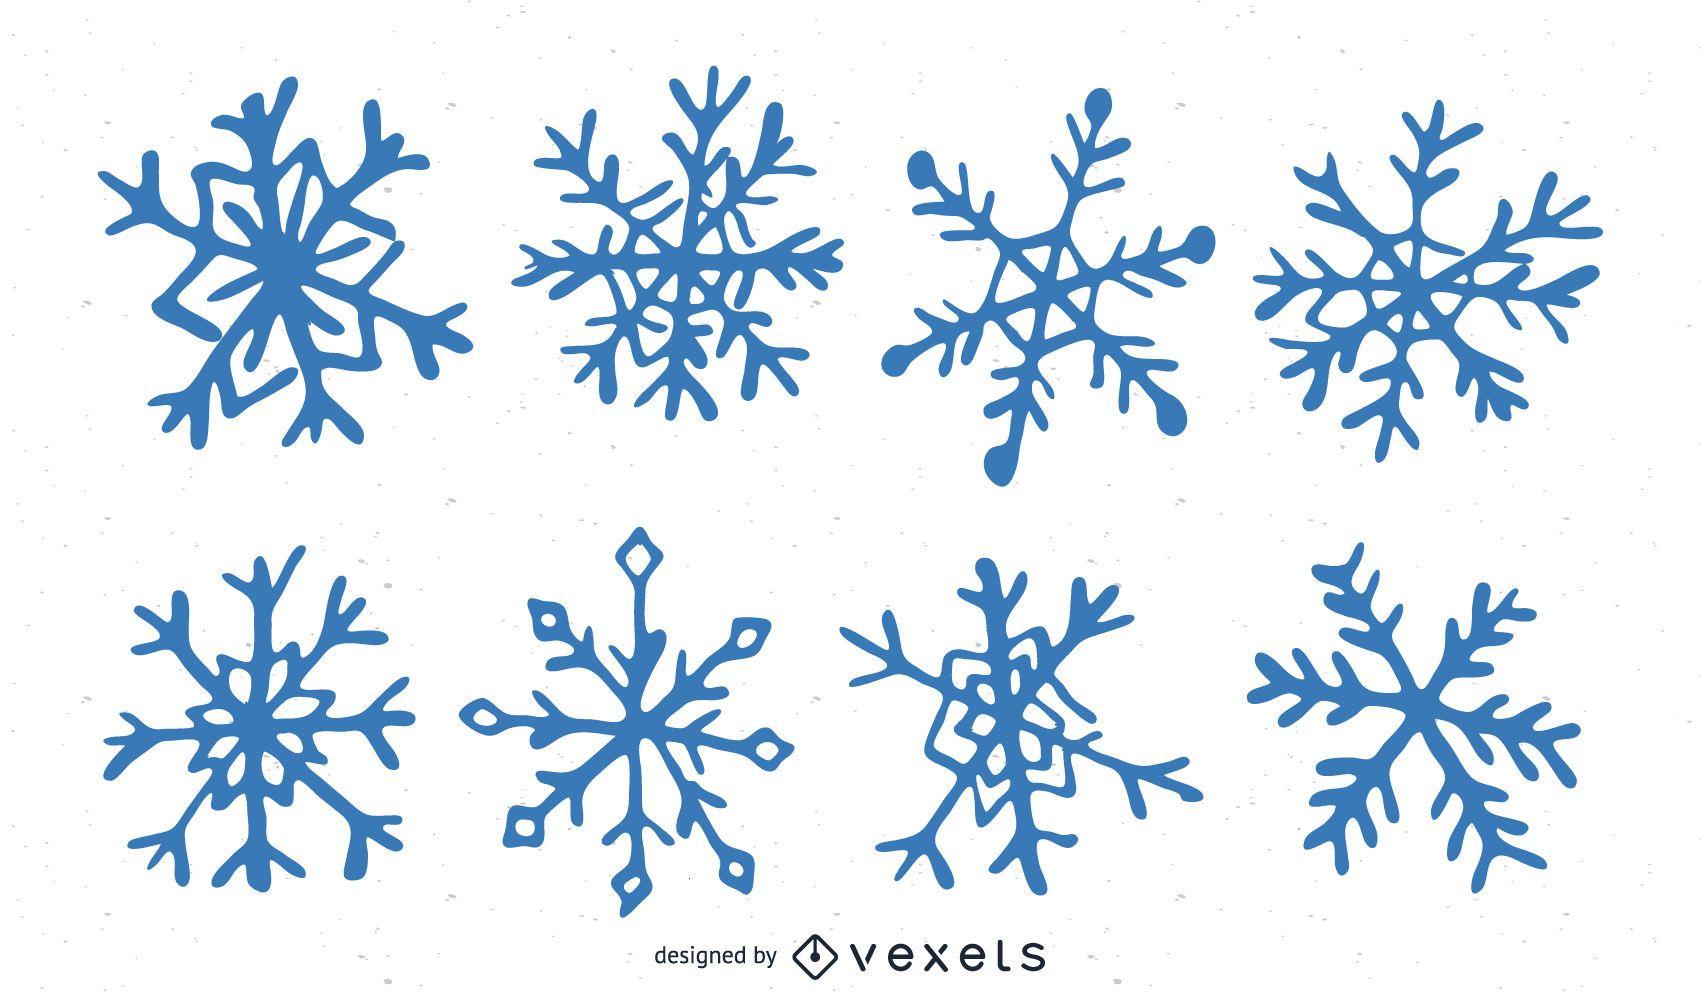 Paquete de copos de nieve dibujados a mano azul